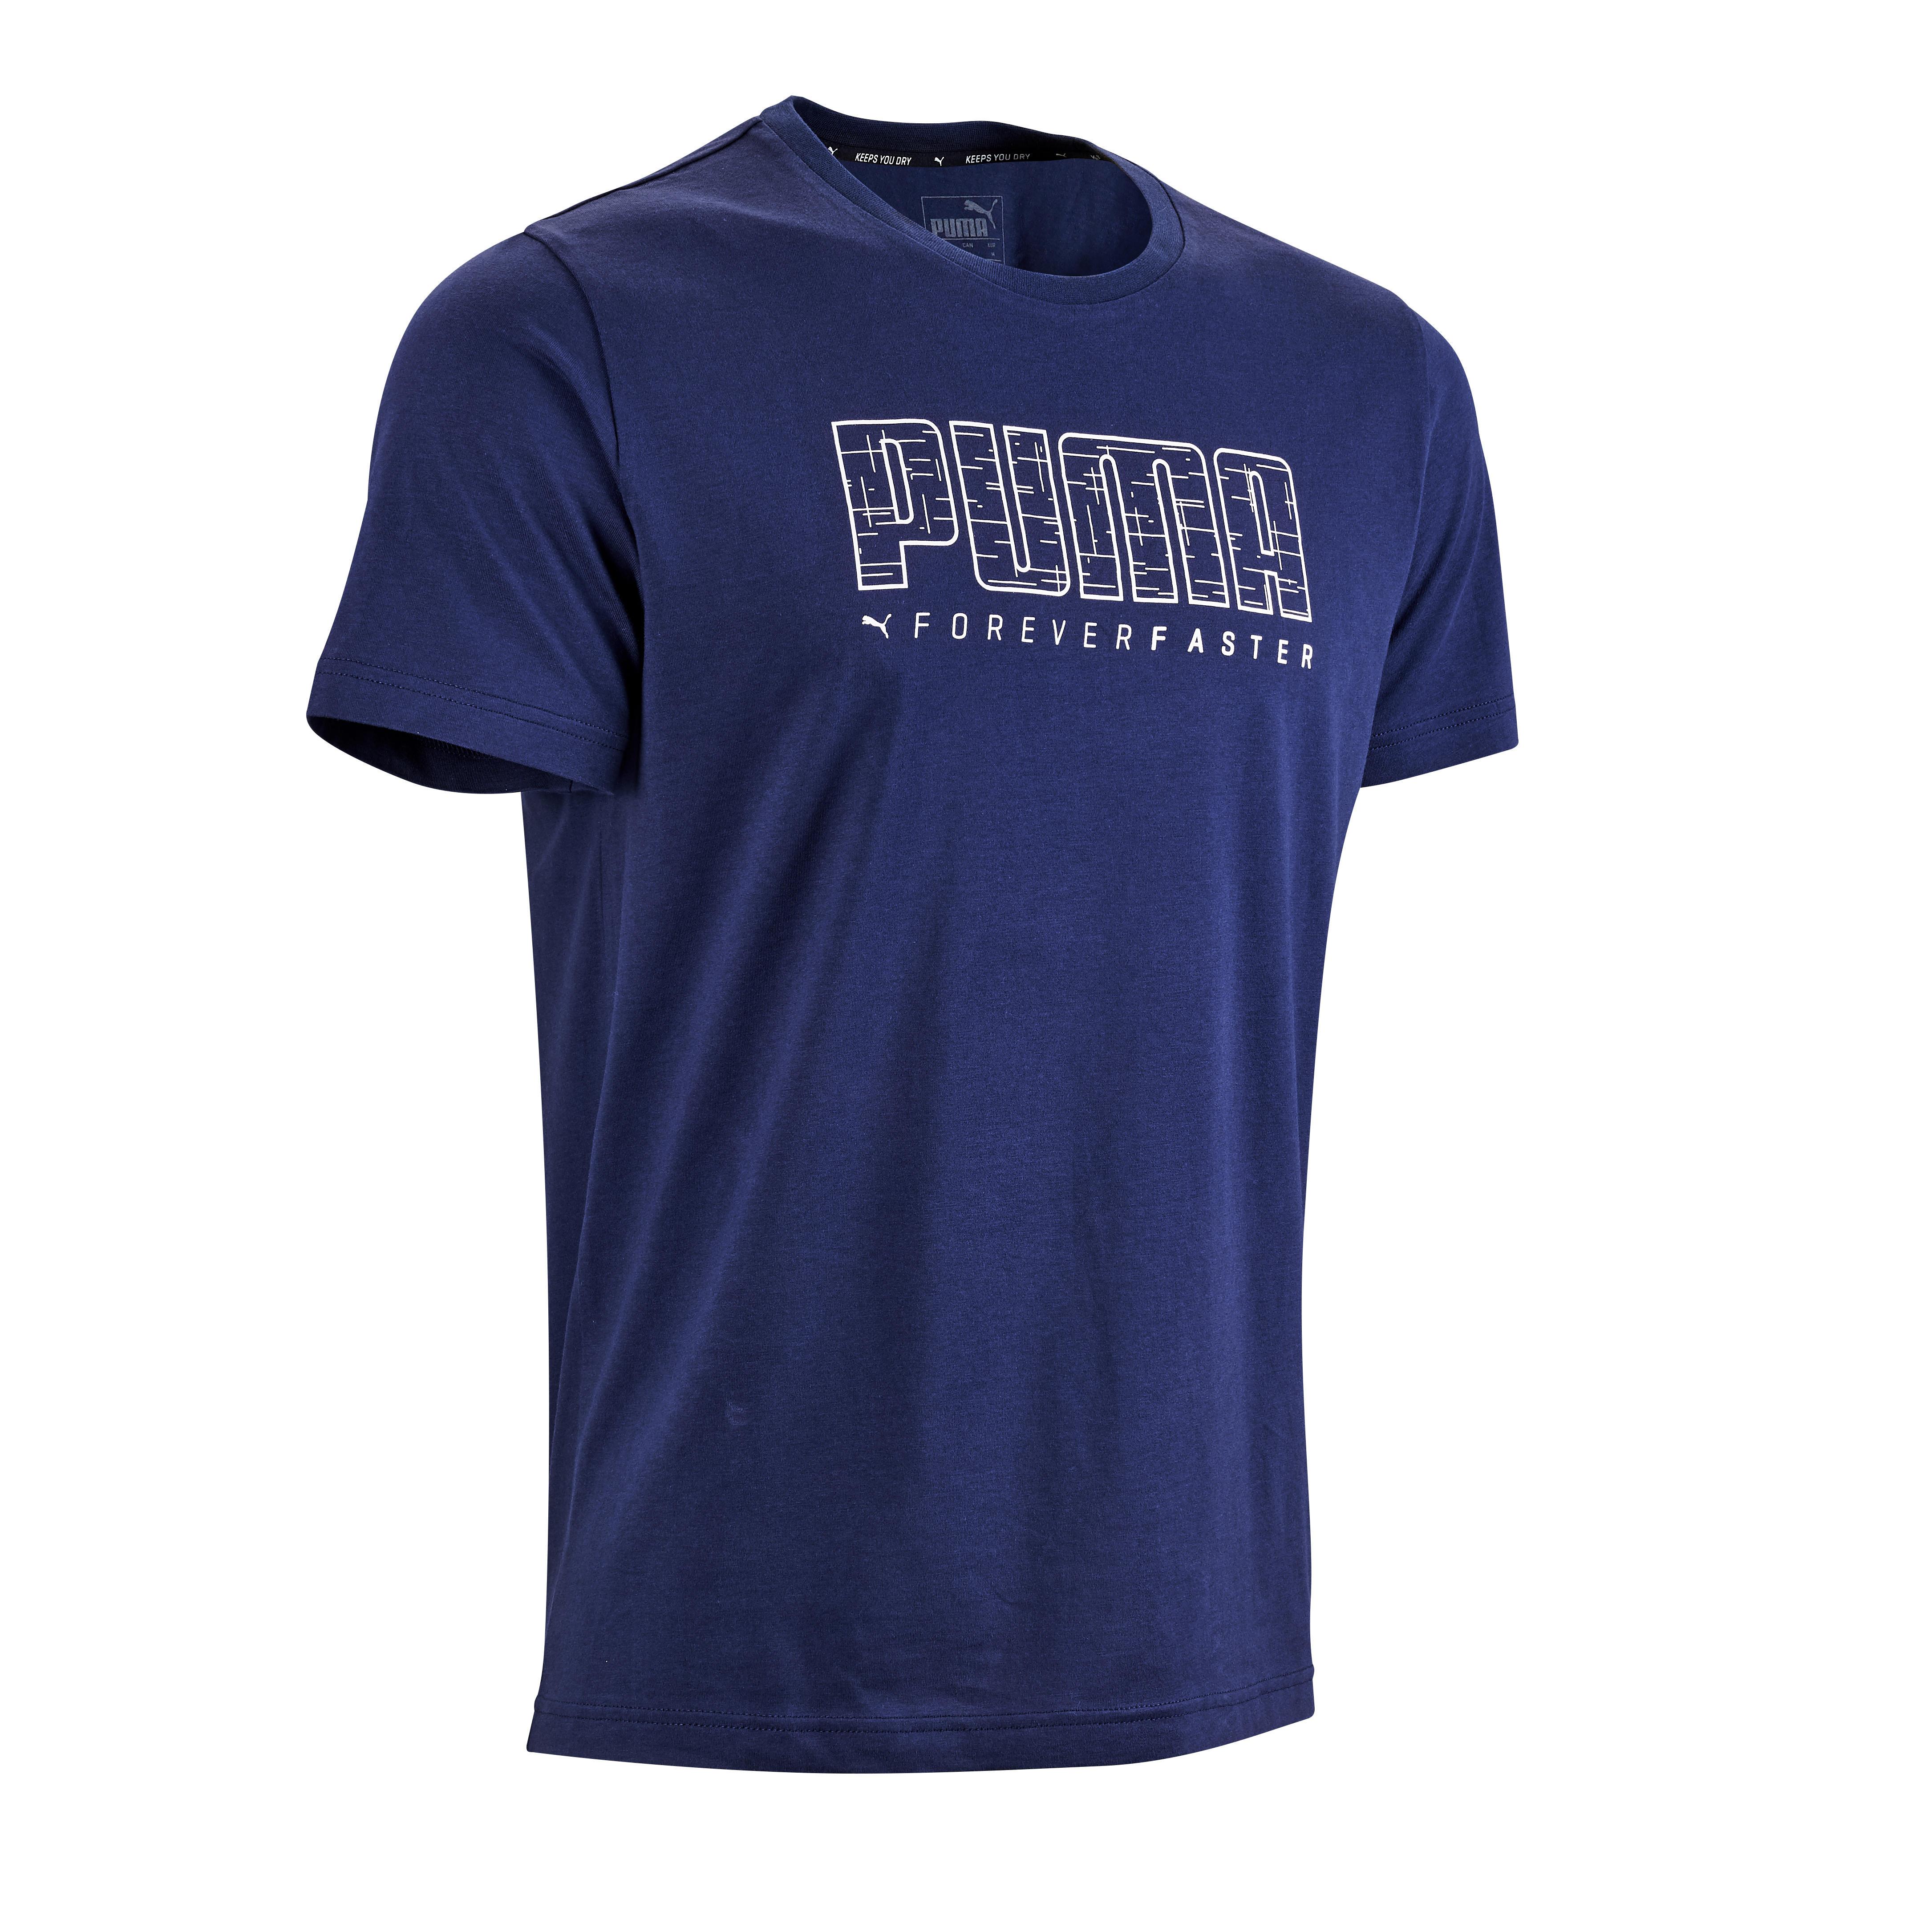 7003d033c12 Comprar Camisetas Deportivas de Hombre